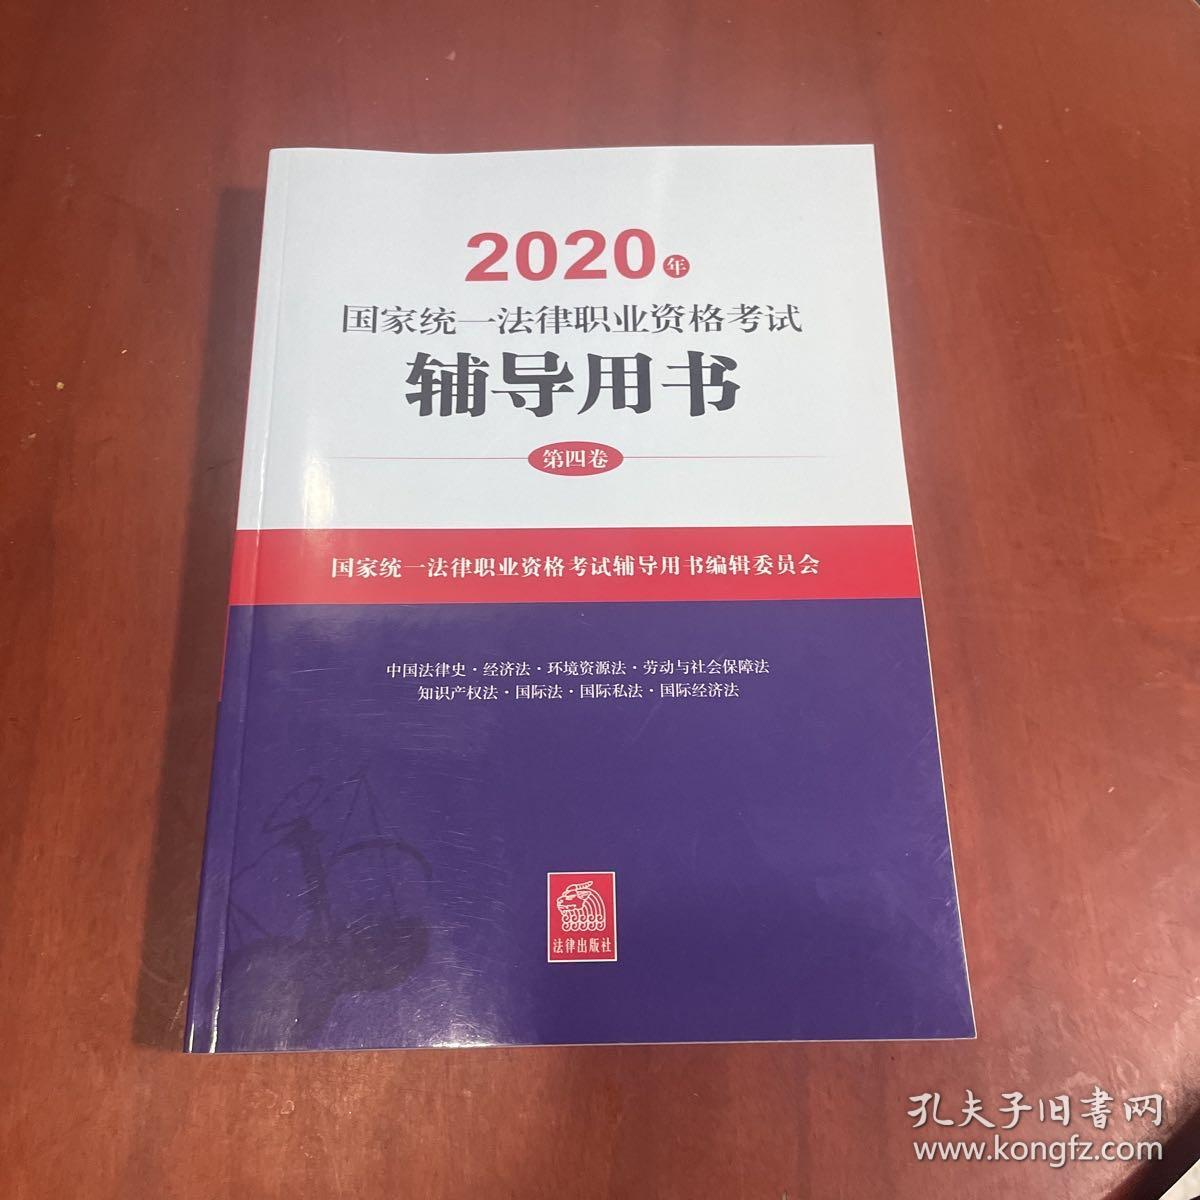 2020年国家统一法律职业资格考试辅导用书 第四卷